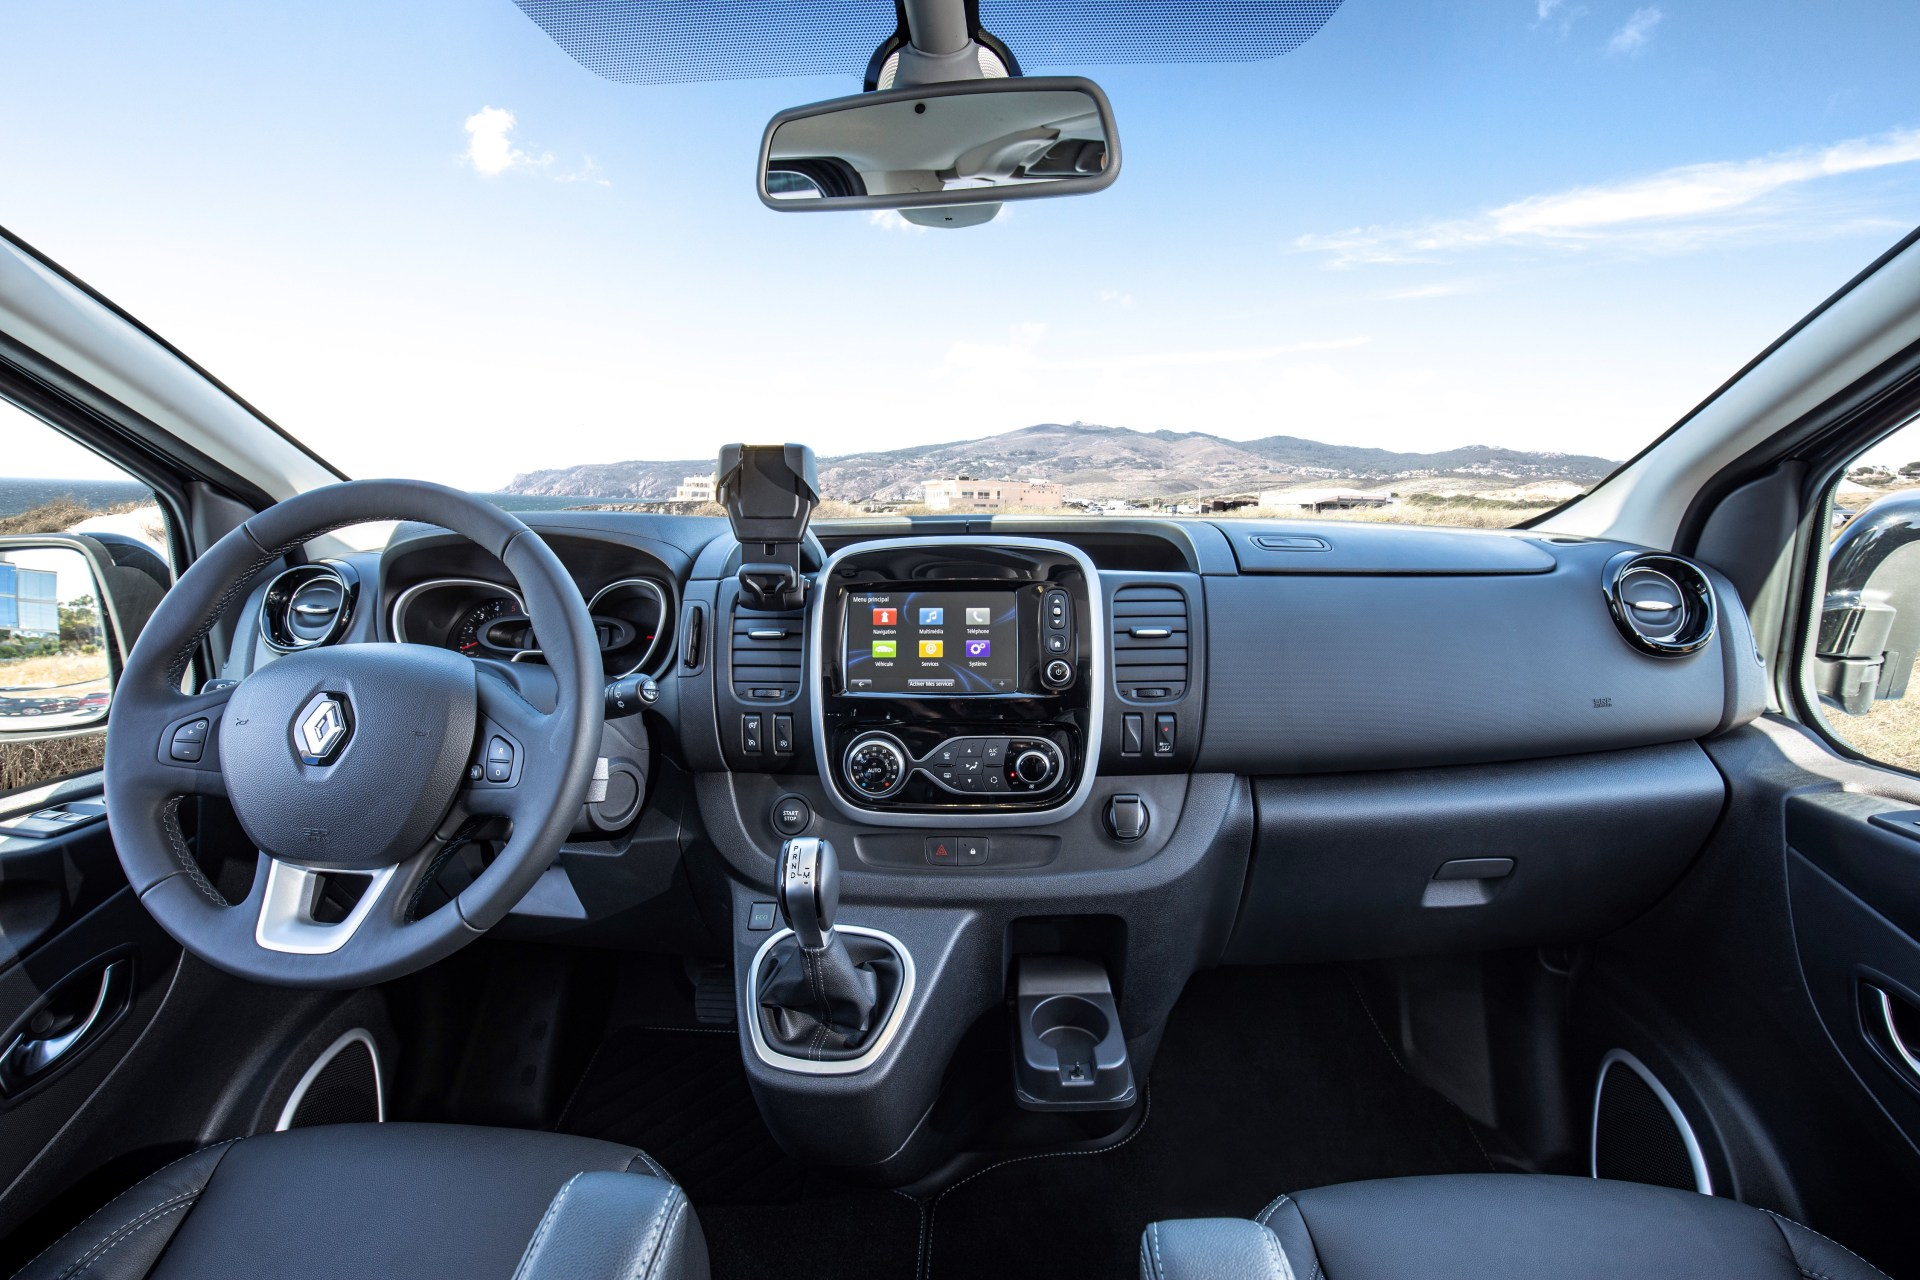 » L'argus « Trafic Automatique Renault Le En Version e2W9EDHIY